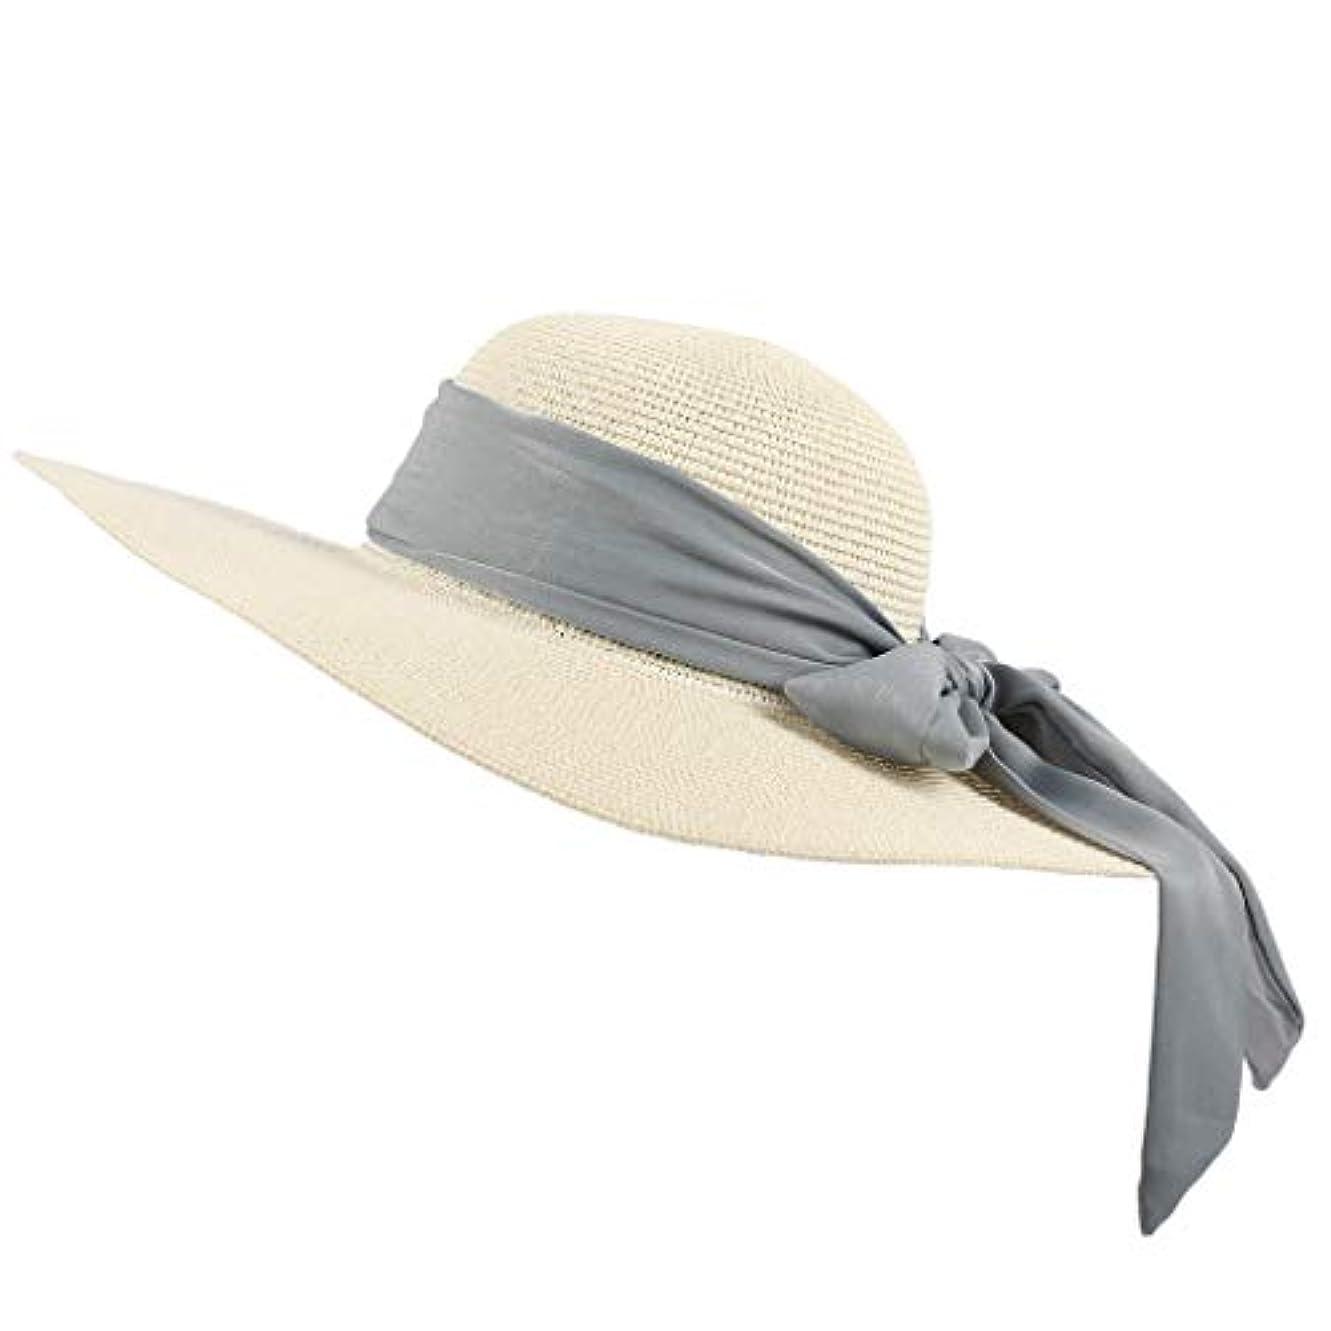 献身土マイル帽子 レディース ROSE ROMAN UVカット ハット 紫外線対策 可愛い 小顔効果抜群 日よけ つば広 おしゃれ 可愛い 夏季 海 旅行 無地 ビーチ 海辺 ワイルド パーティー ダンスパーティー パーティー シンプル 発送